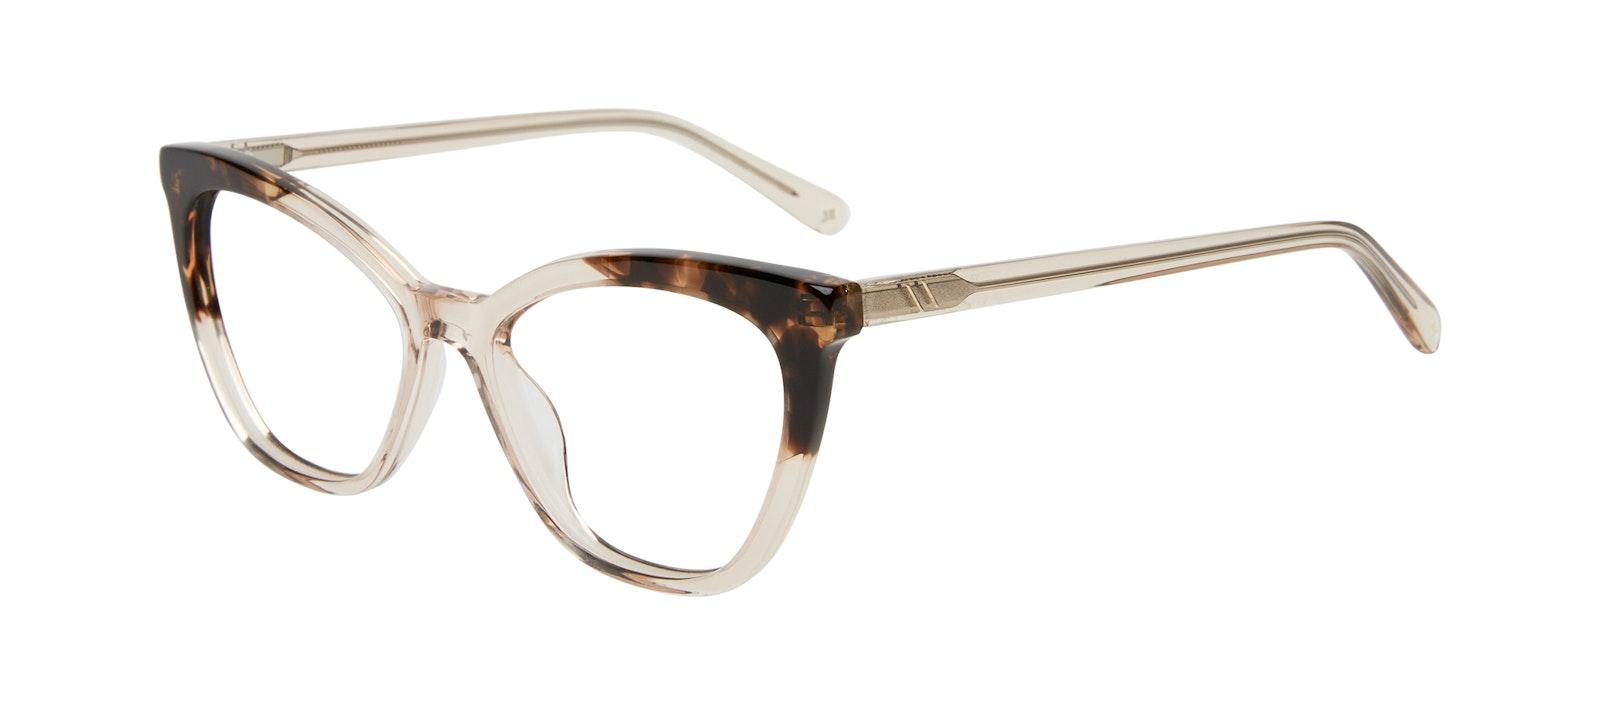 Affordable Fashion Glasses Cat Eye Eyeglasses Women Elan Golden Tortoise Tilt